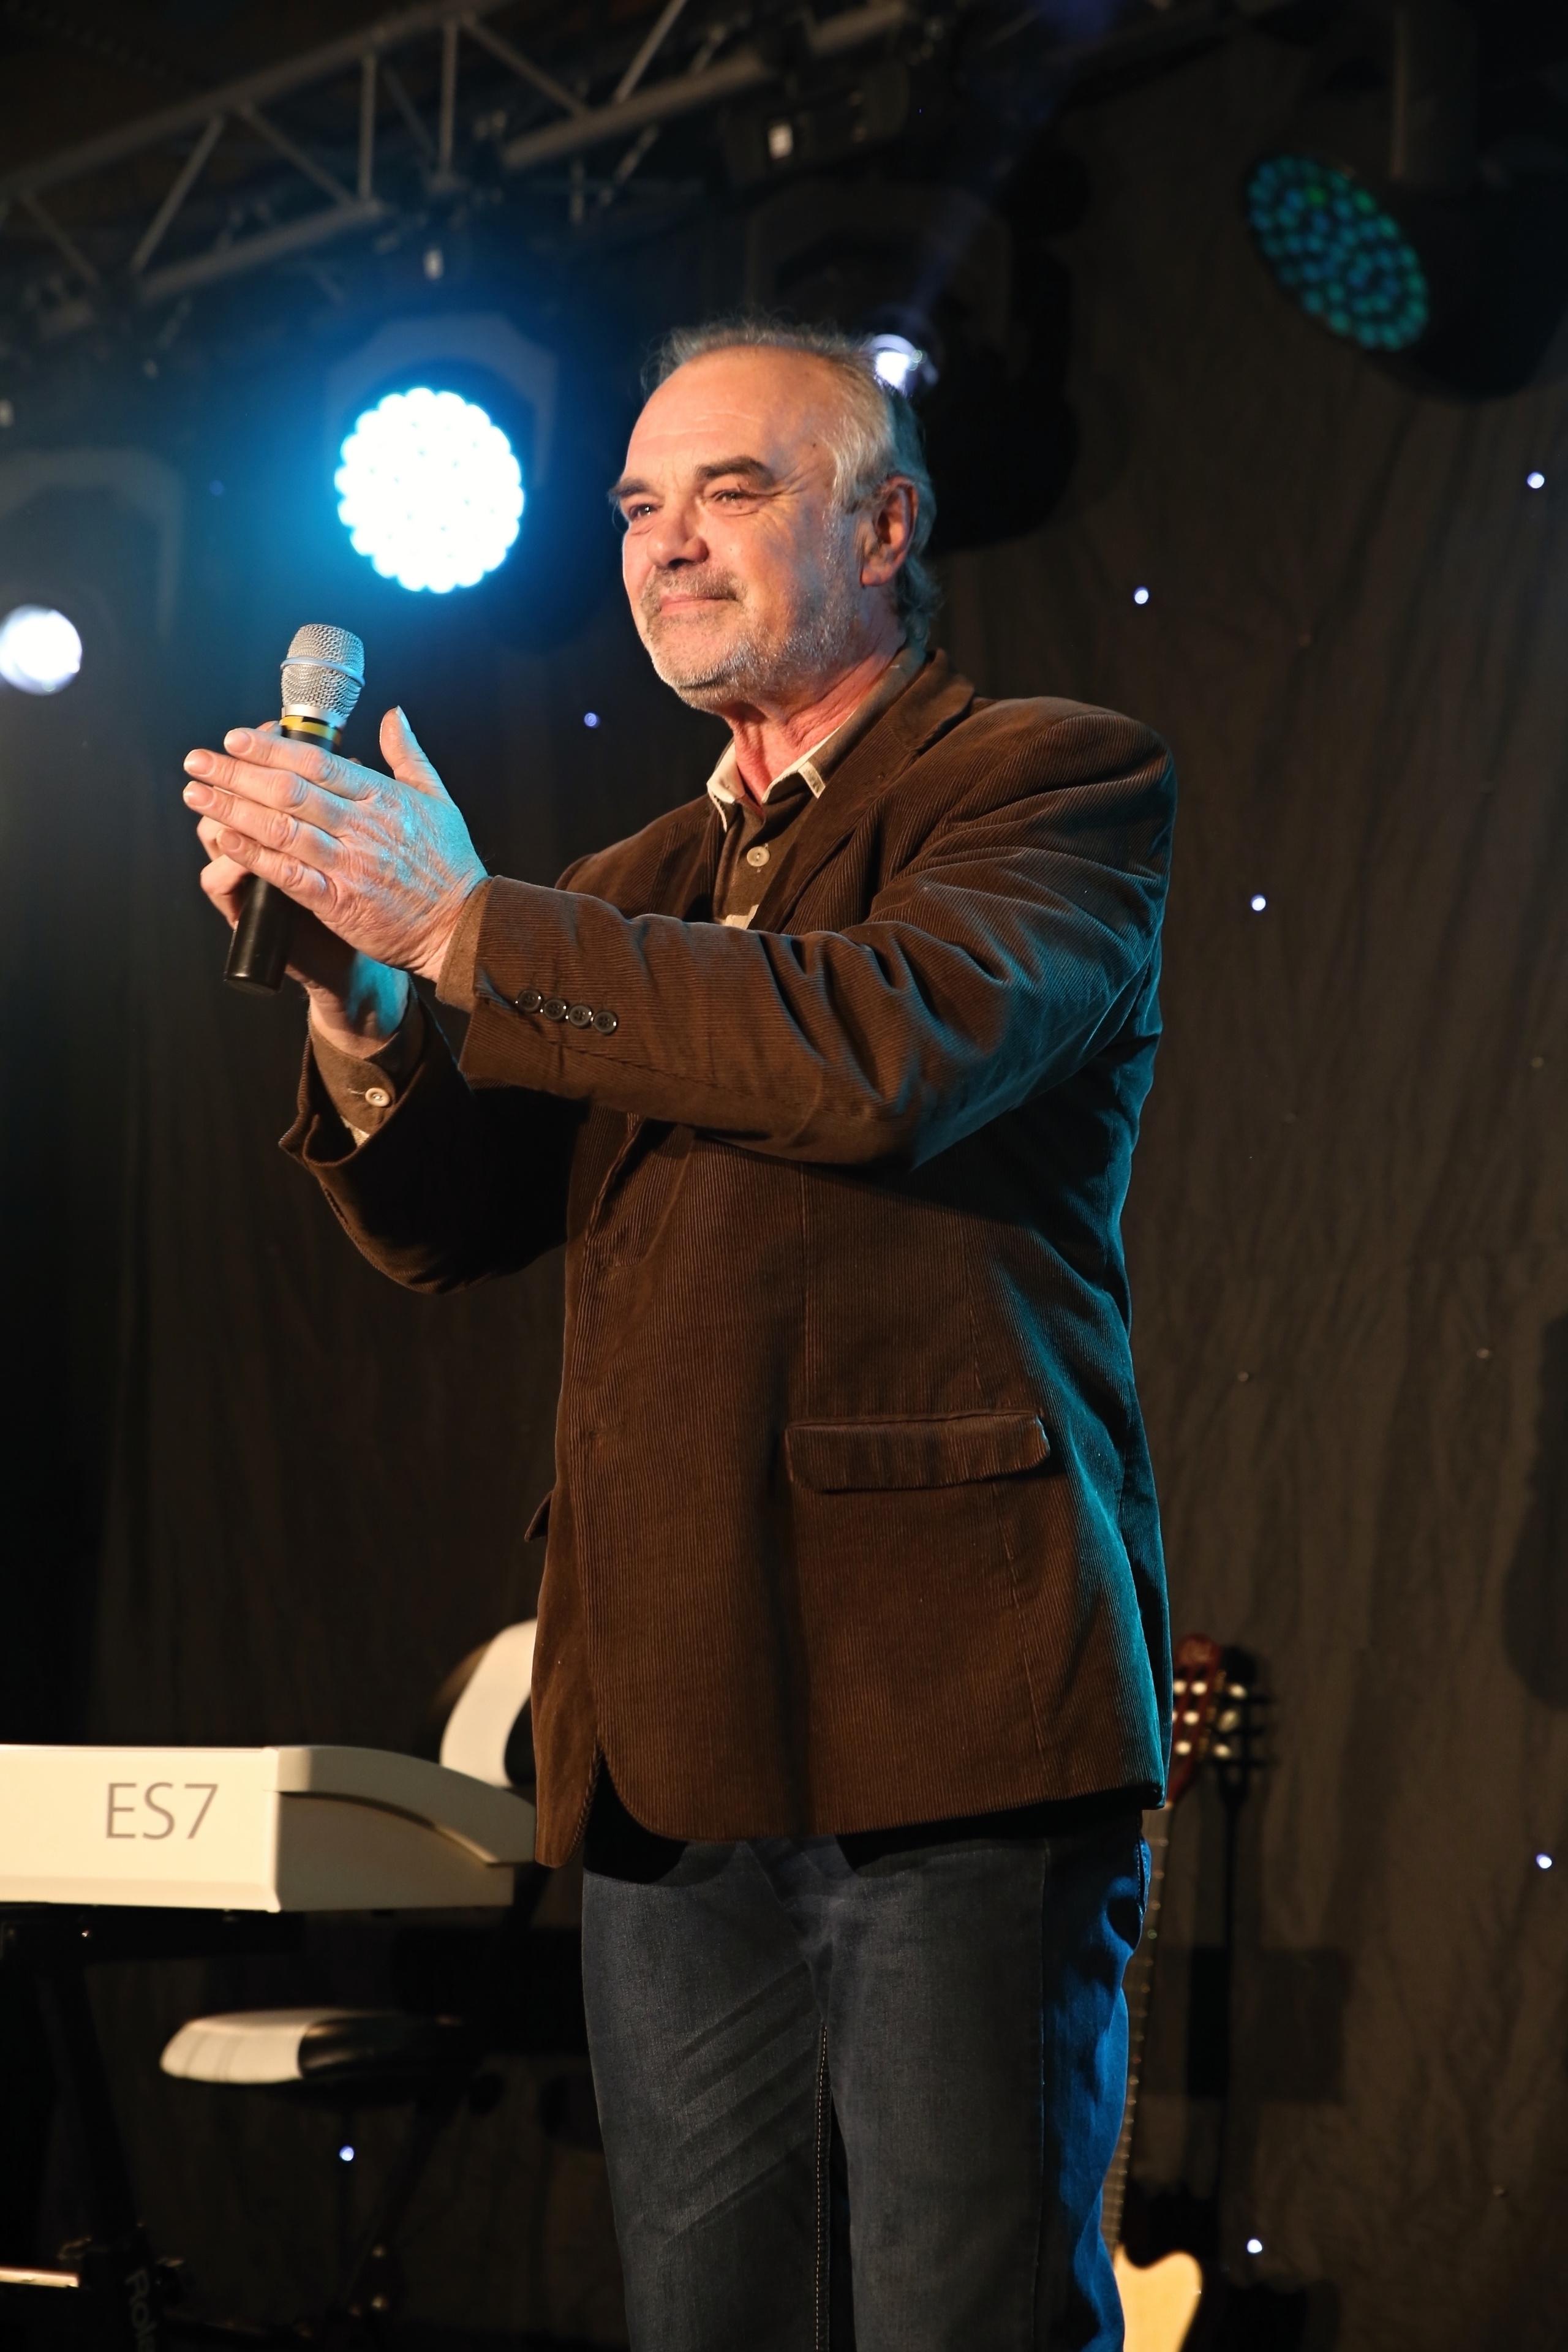 Petr_Průša_Photo353